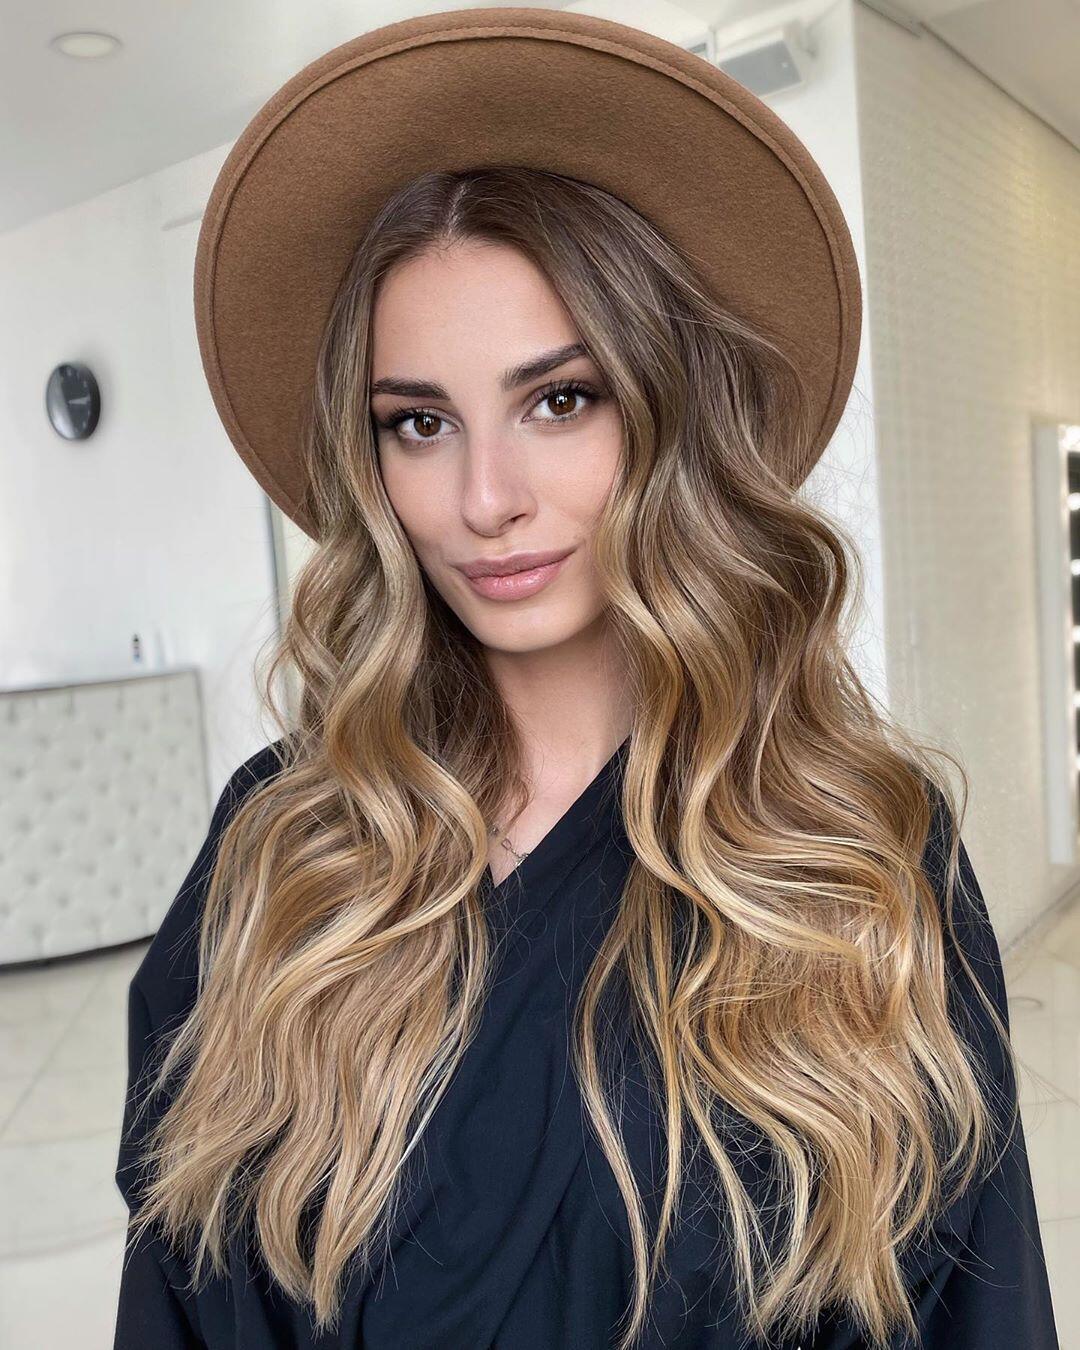 lunghi capelli castani con balayage biondo e styling mosso